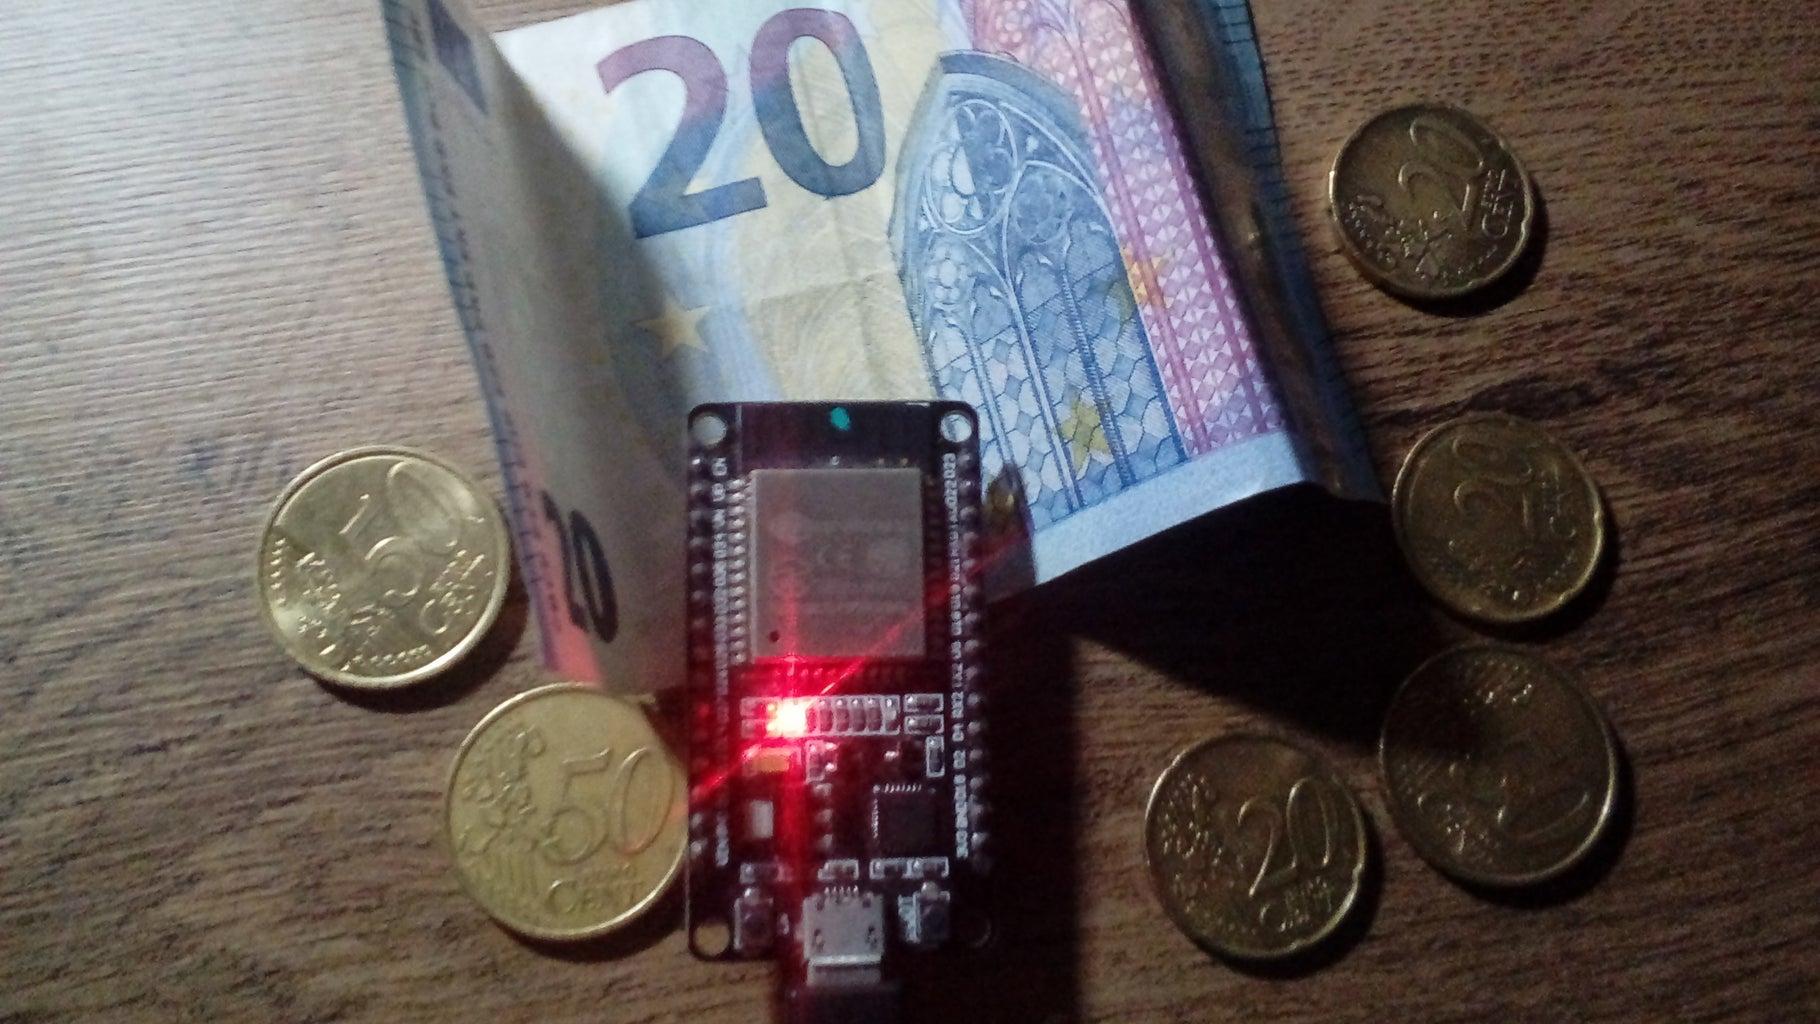 Currconv.com - (Crypto)exchange Rate - ESP32, Arduino, ESP8266